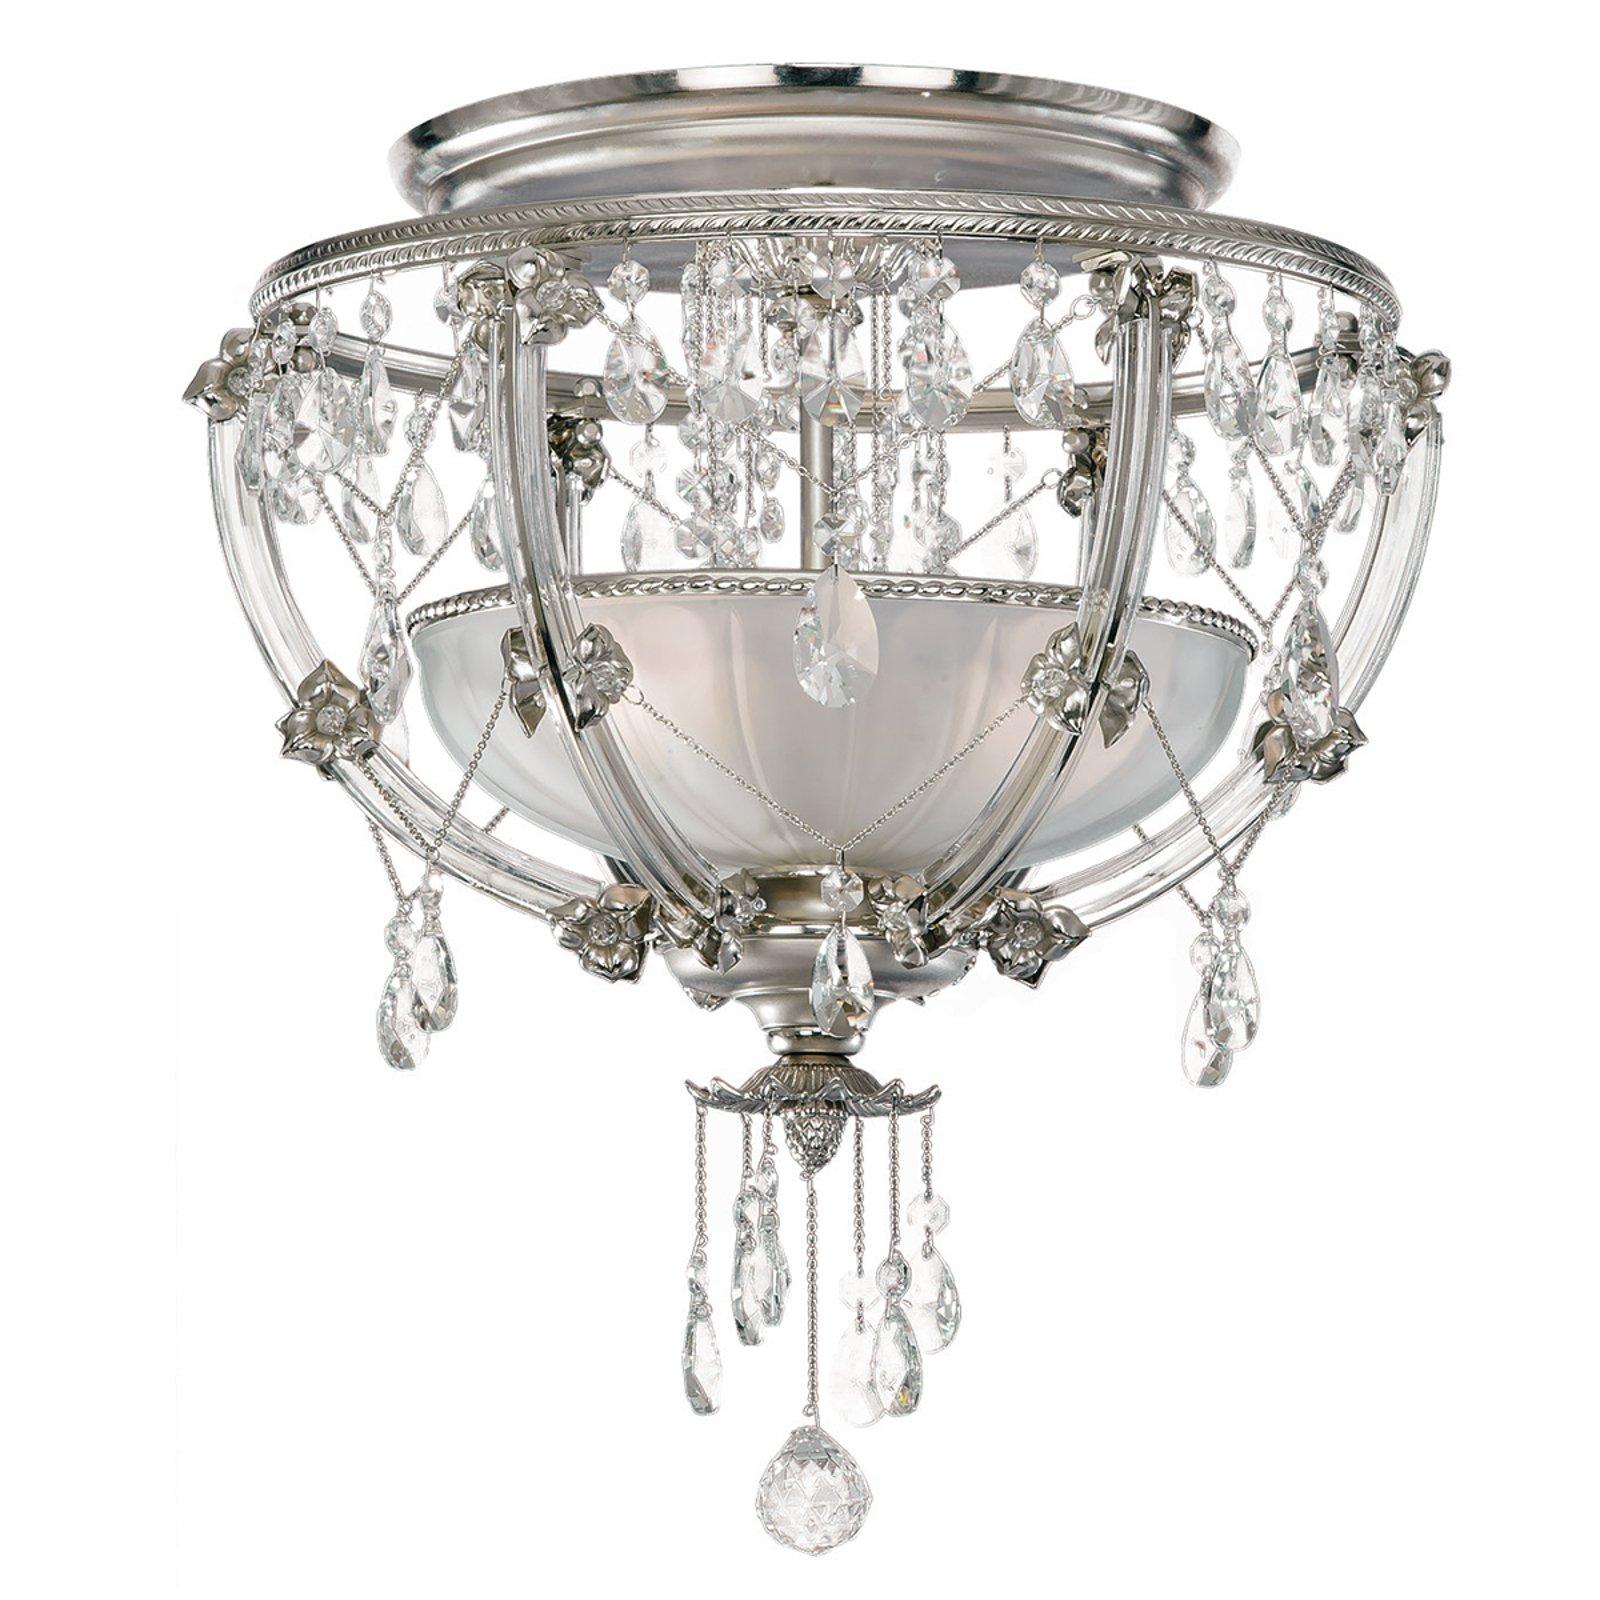 Krystall-taklampe Trina